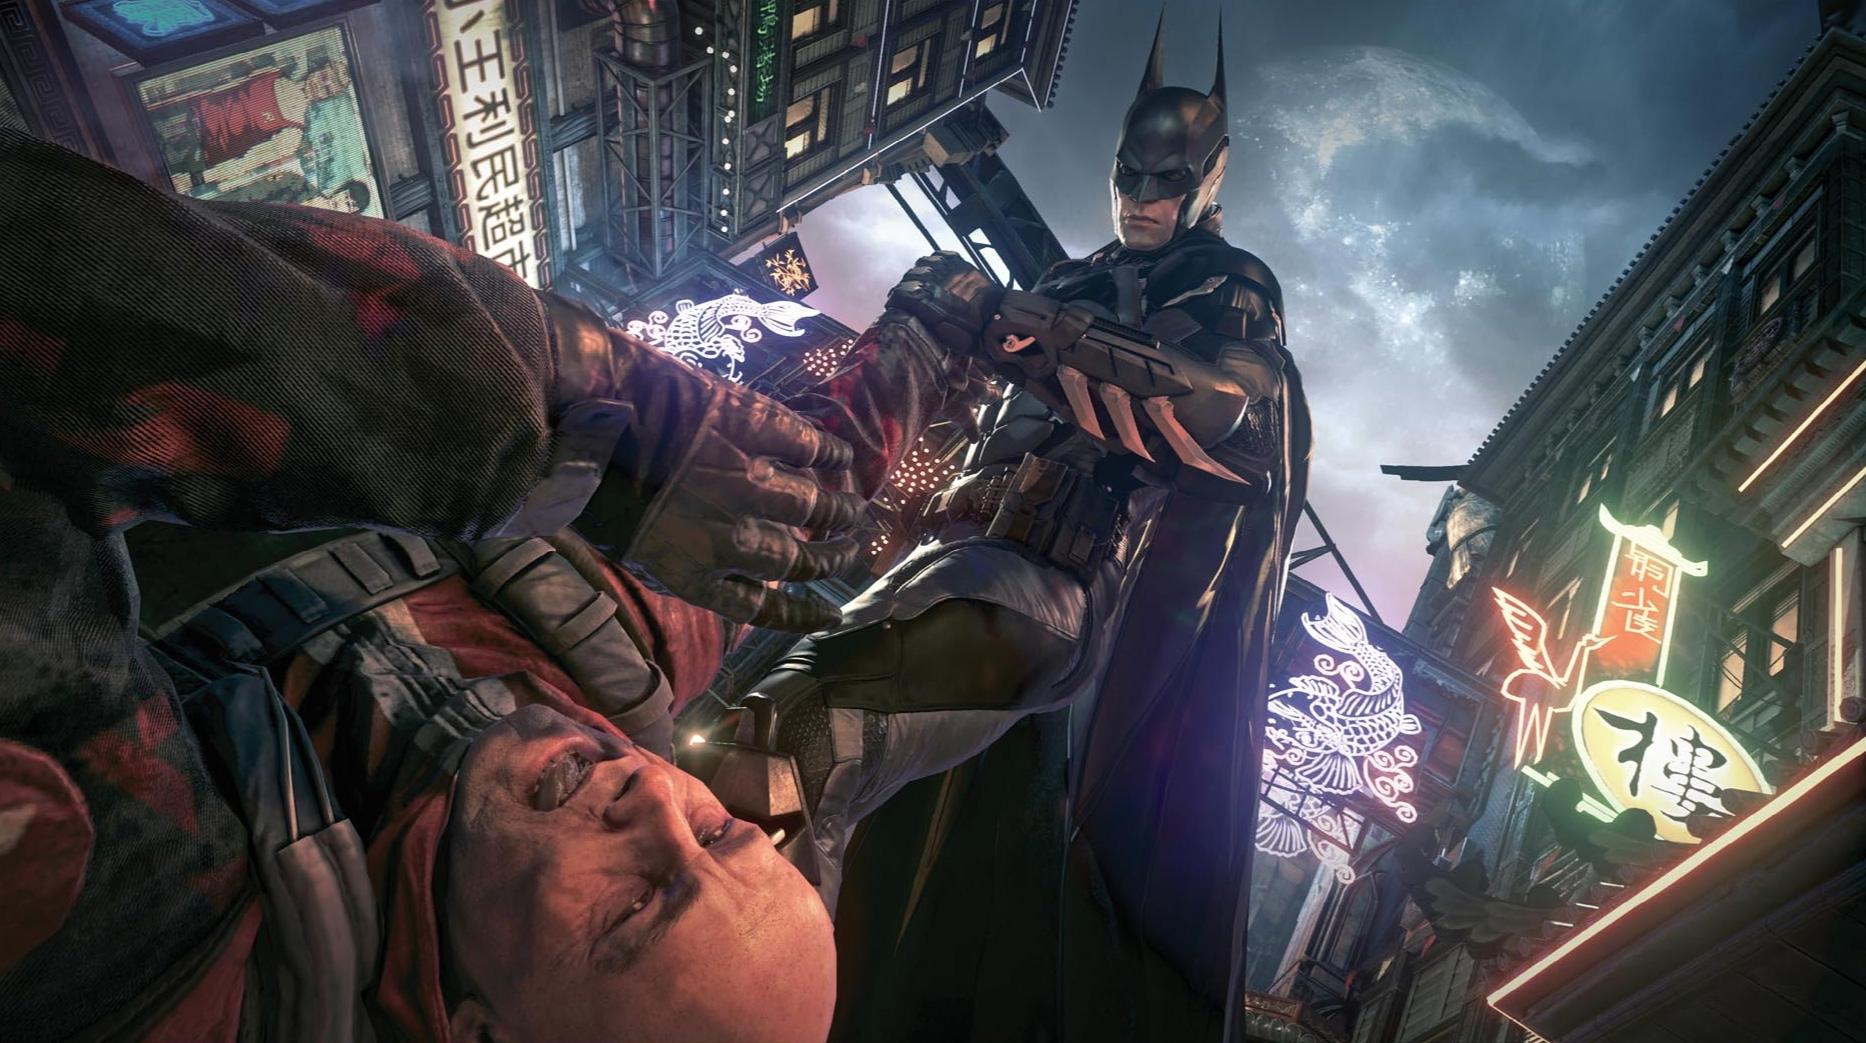 В сети появились первые скрины Batman arkham knight!